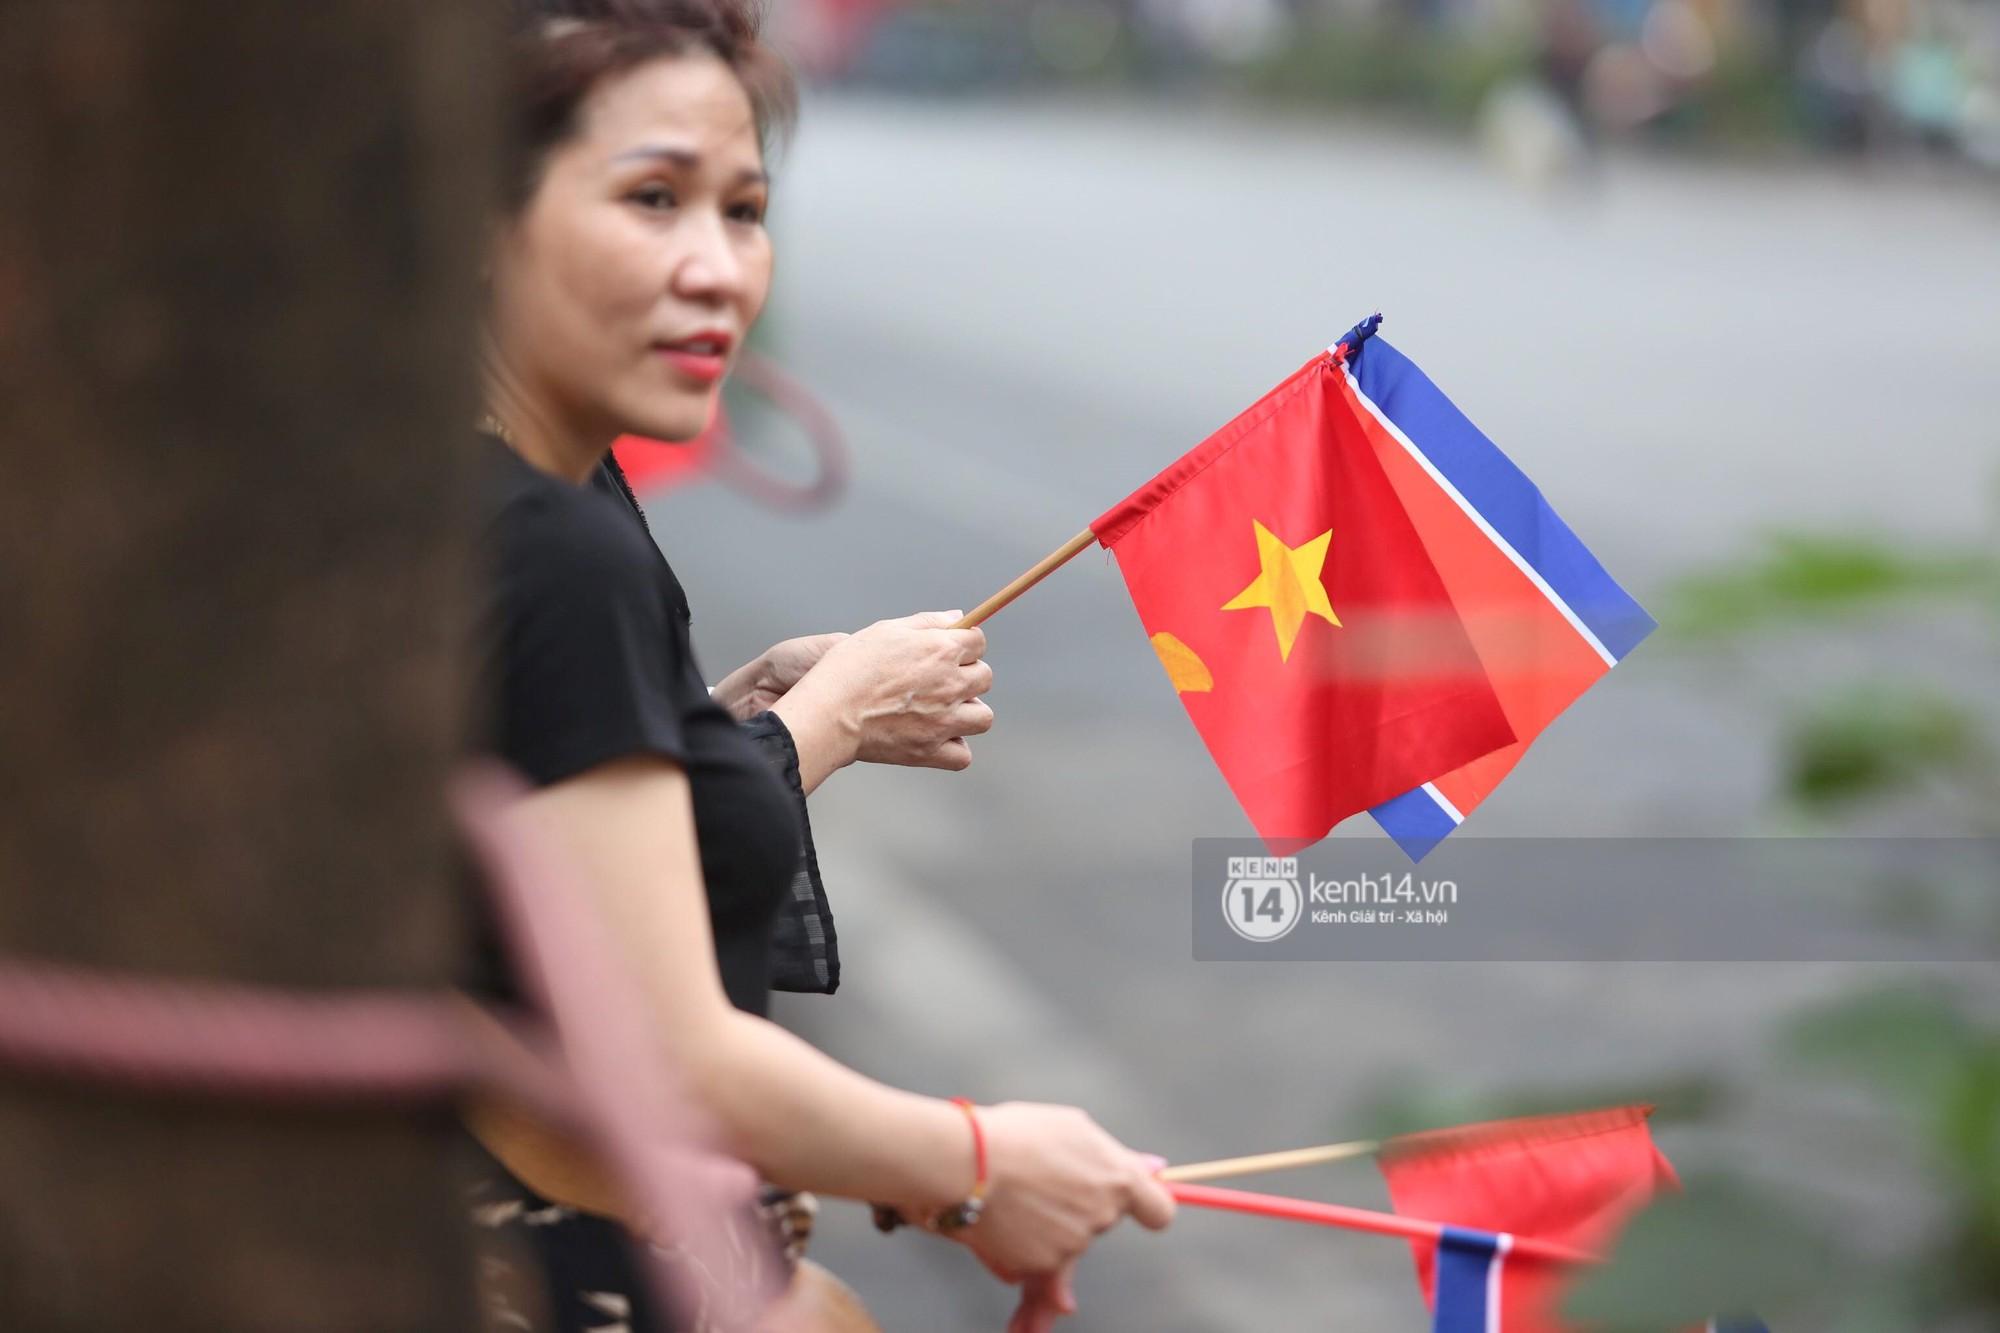 Chủ tịch Kim Jong-un vẫy tay chào người dân, đang trên đường viếng đài liệt sĩ và lăng Chủ tịch Hồ Chí Minh - Ảnh 9.